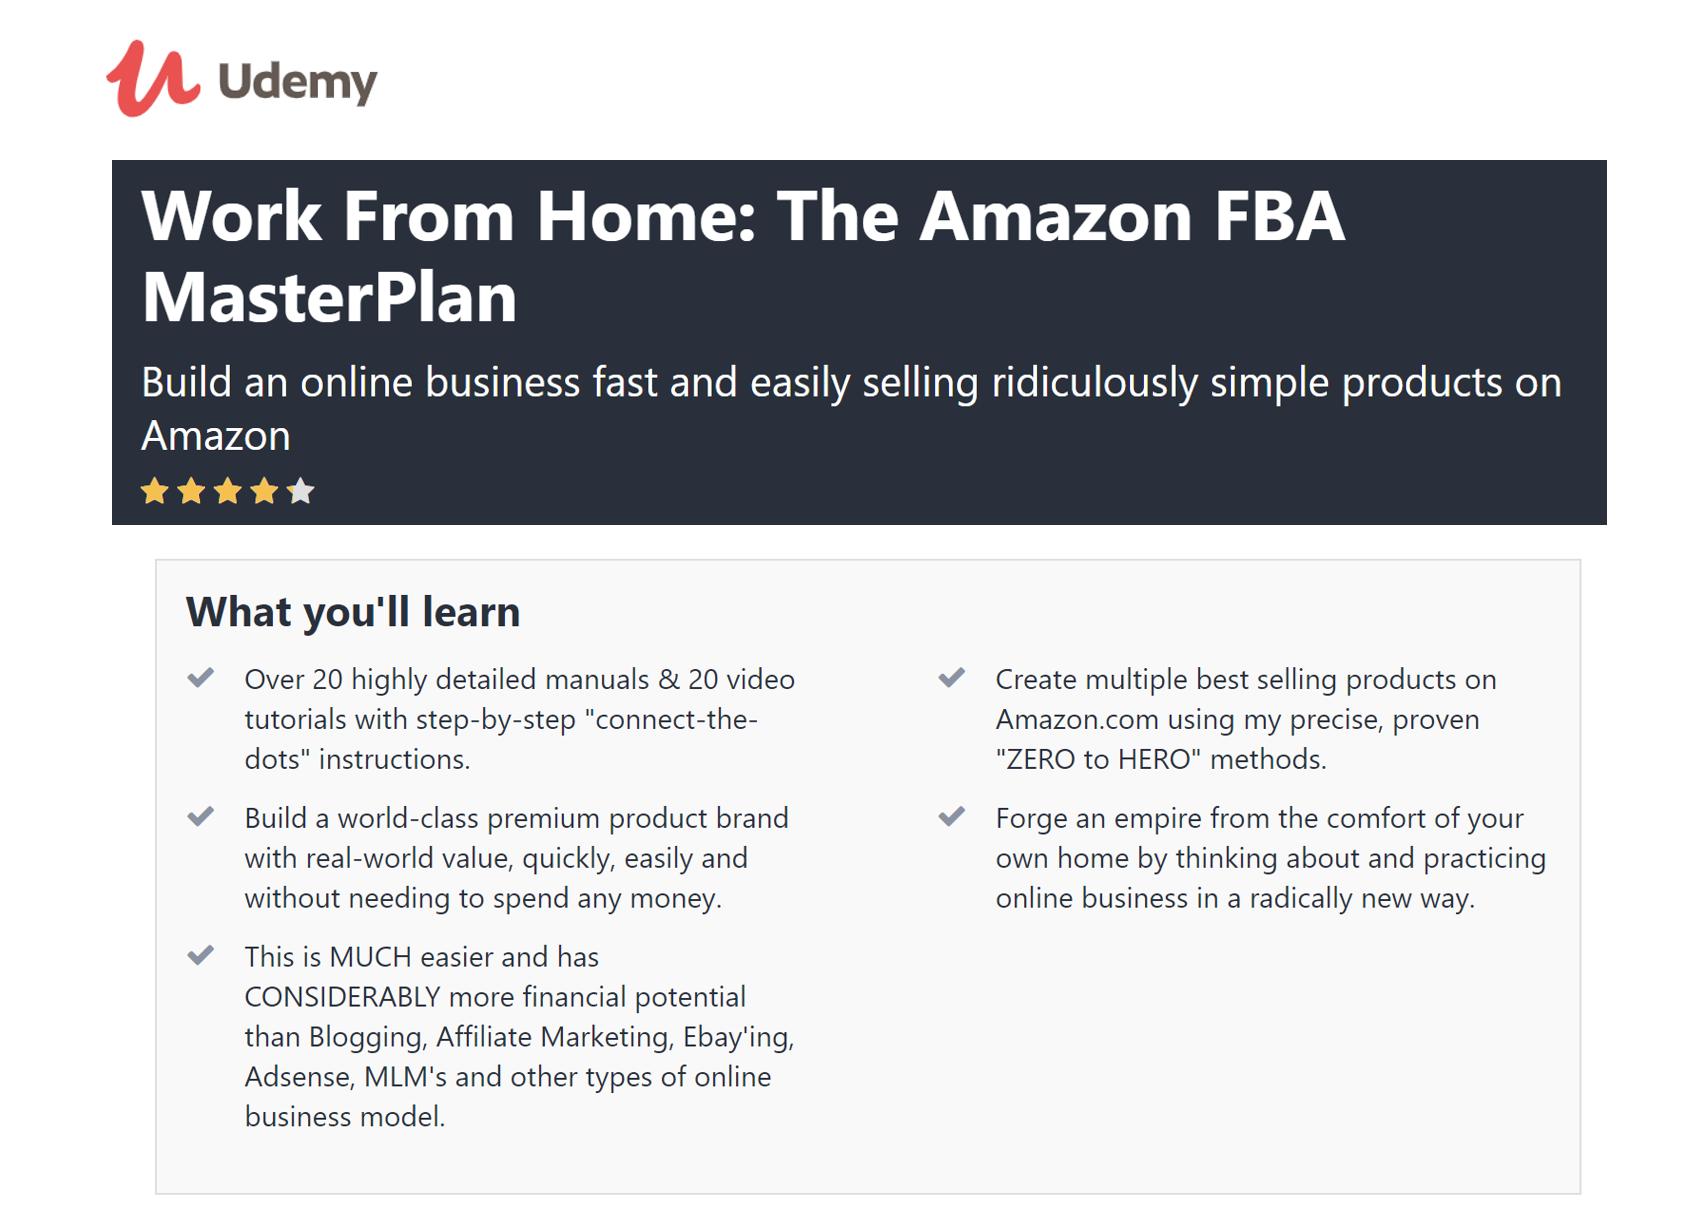 Udemy Amazon Course Description